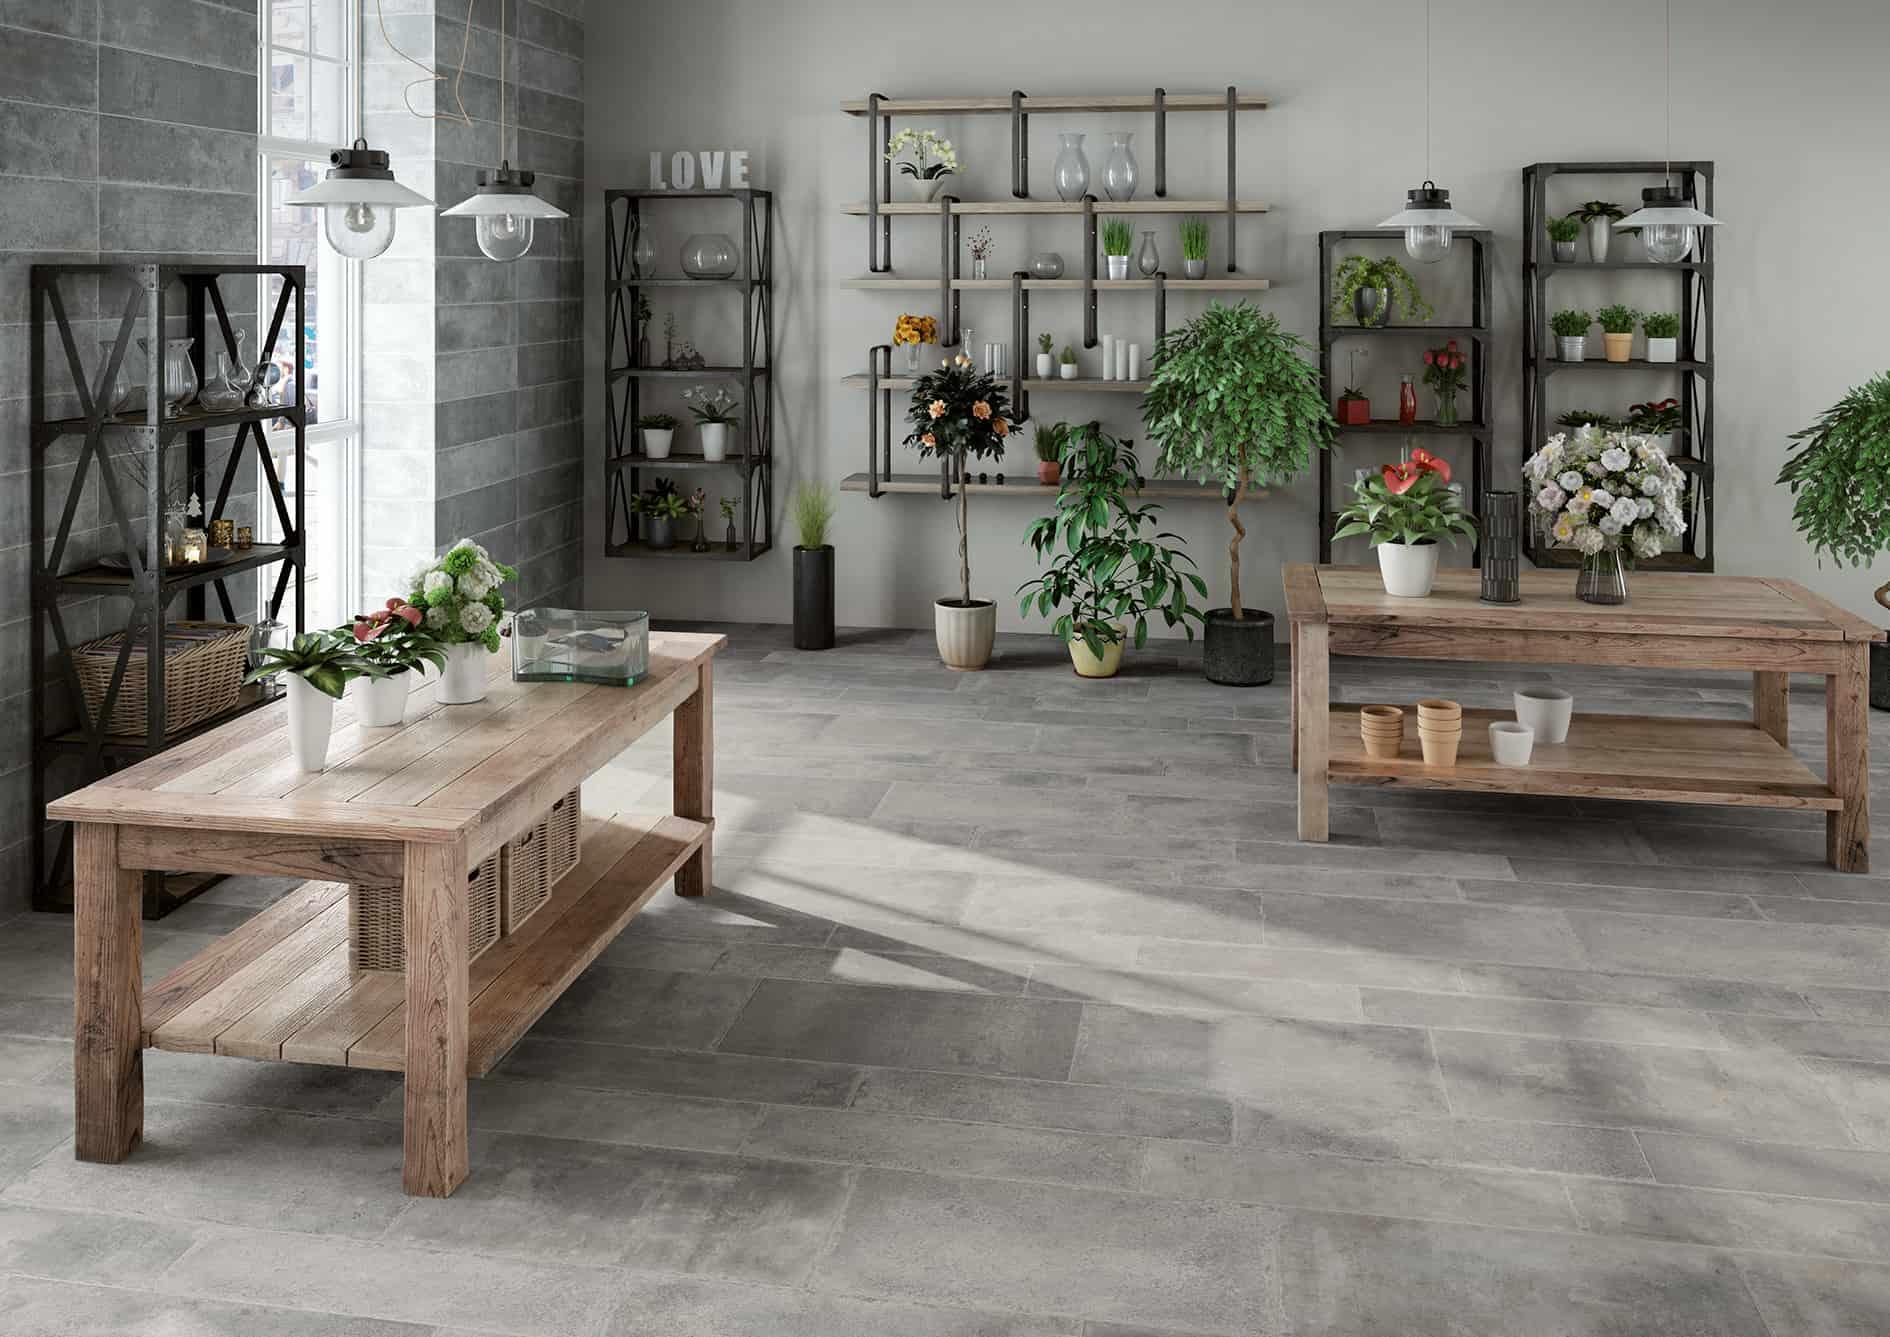 carrelage musis excellent carrelage imitation bois. Black Bedroom Furniture Sets. Home Design Ideas